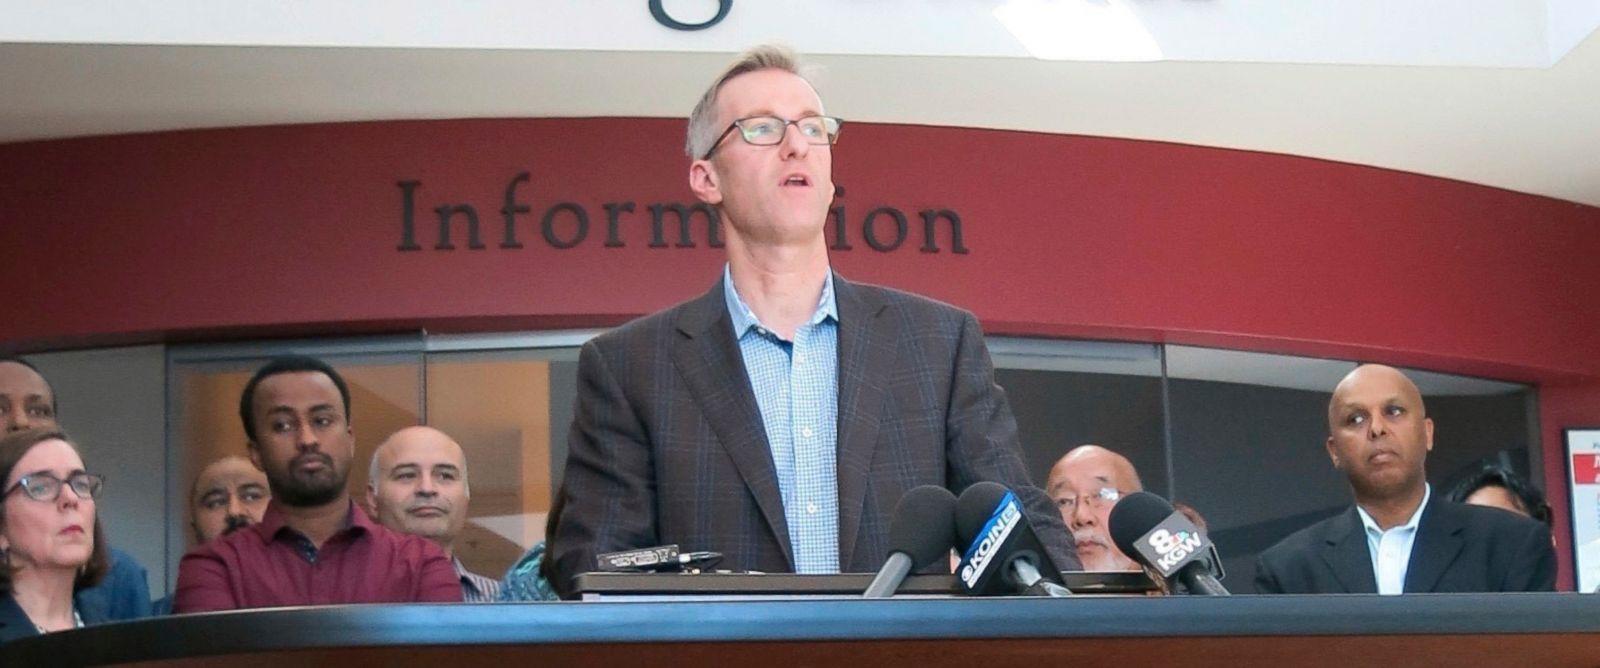 Image result for Images of Portland Mayor, Ted Wheeler